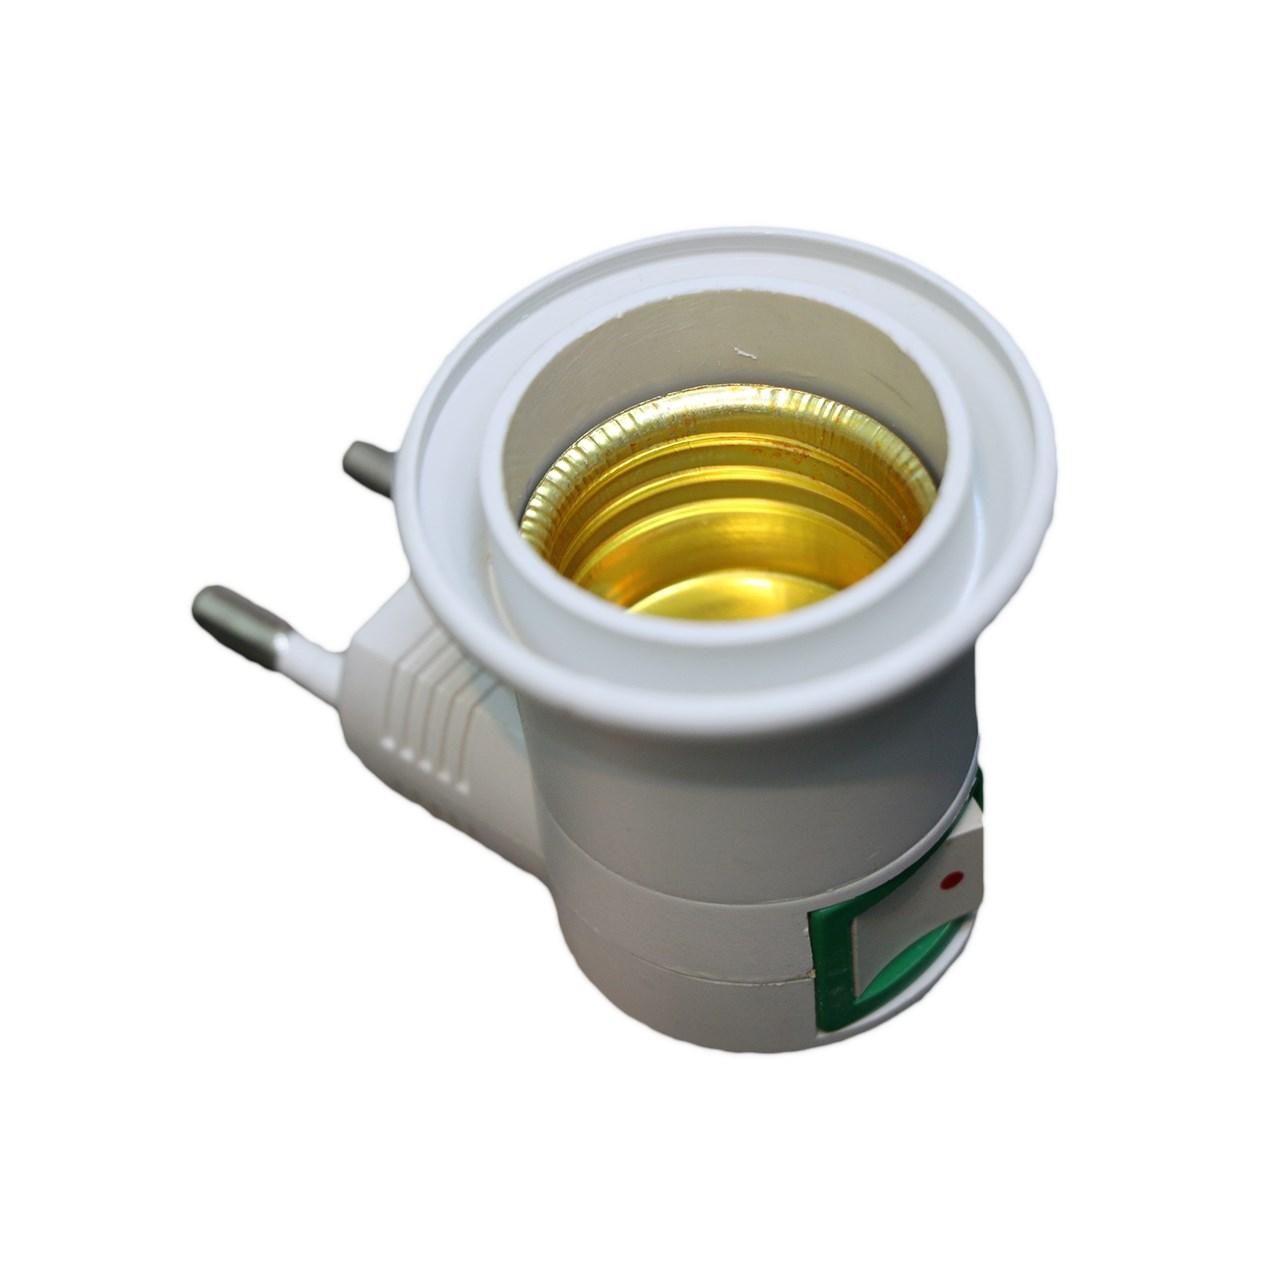 سر پیچ لامپ کلید دار کد E27